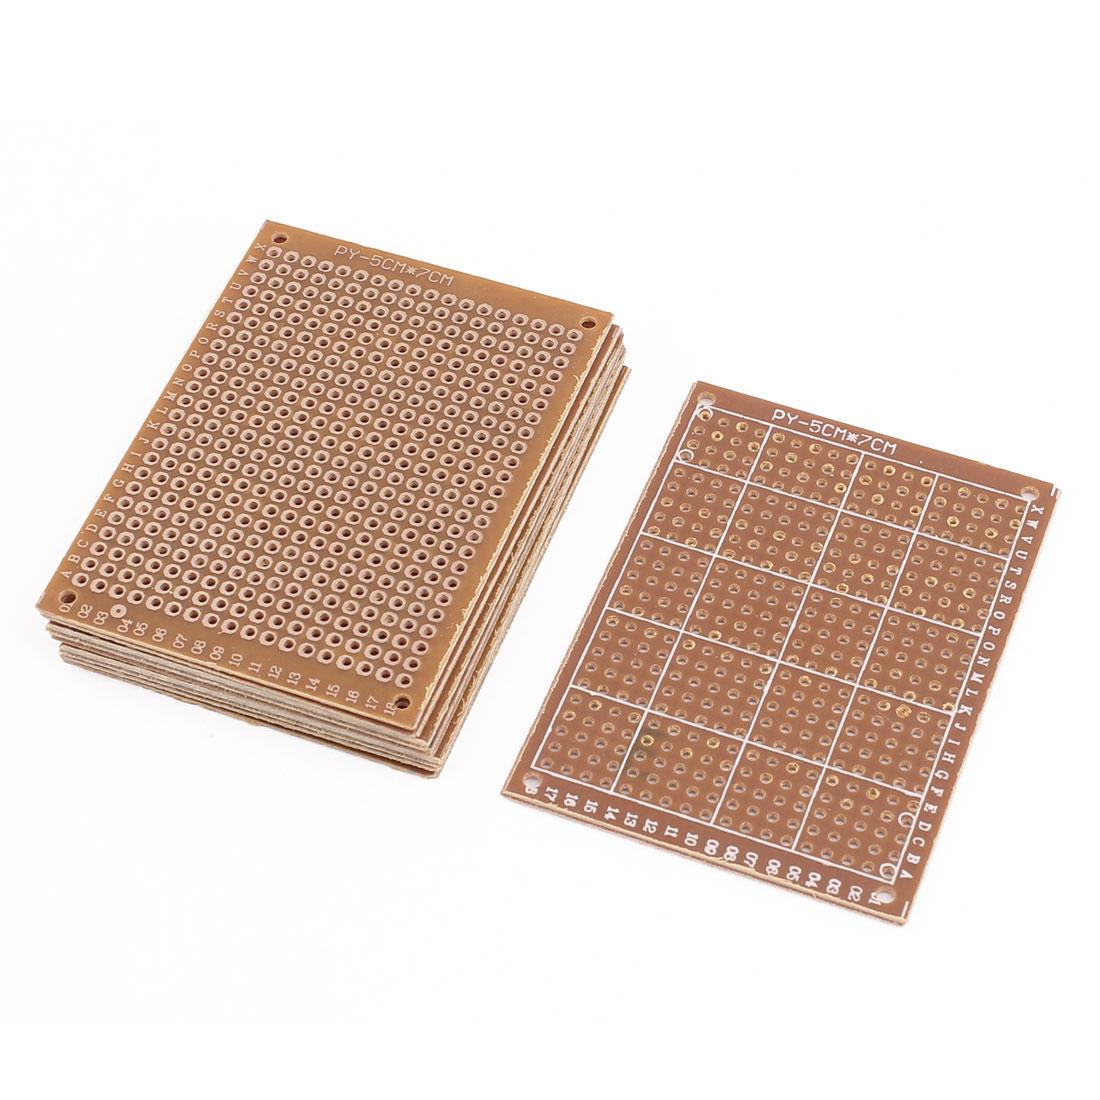 8pcs 5x7cm Single Sided Prototype Universal PCB Board Strip Board Breadboard